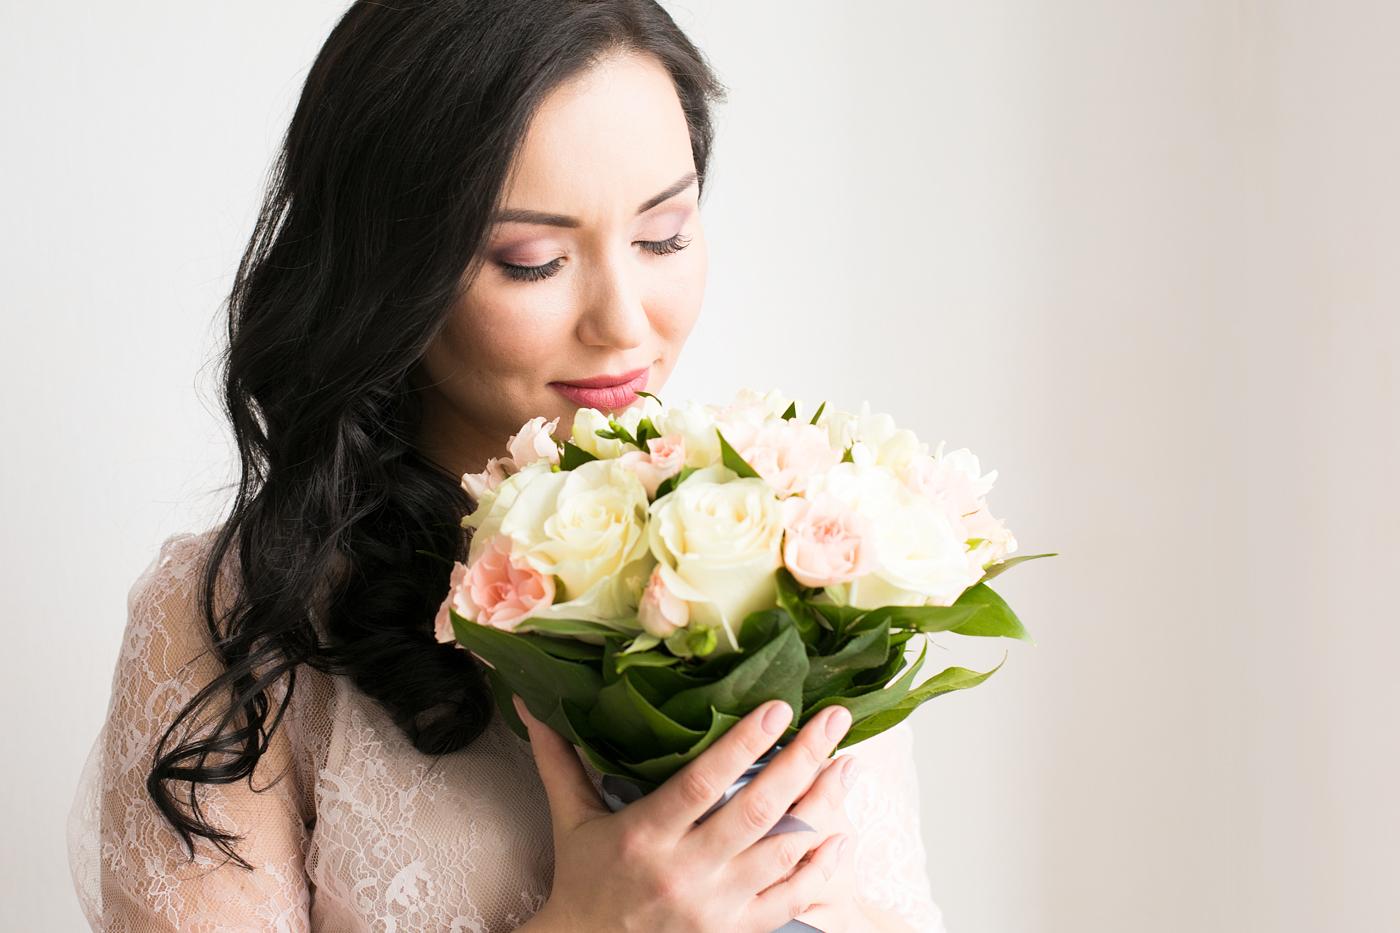 днем свадебные фотографы сургута мое, схема украшения